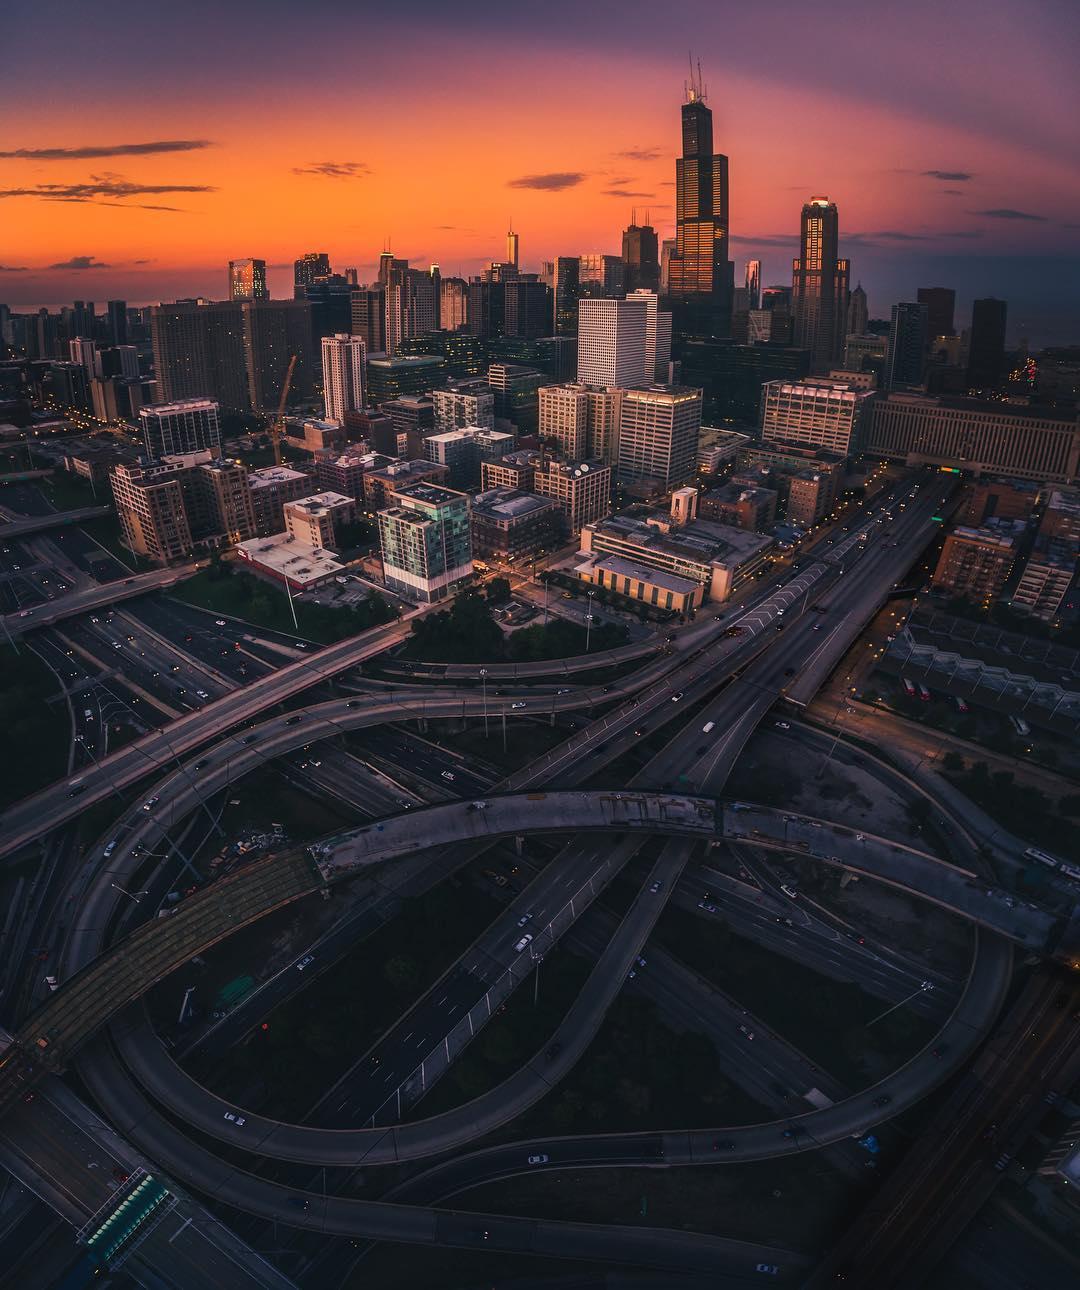 Впечатляющие городские пейзажи Майка Майерса